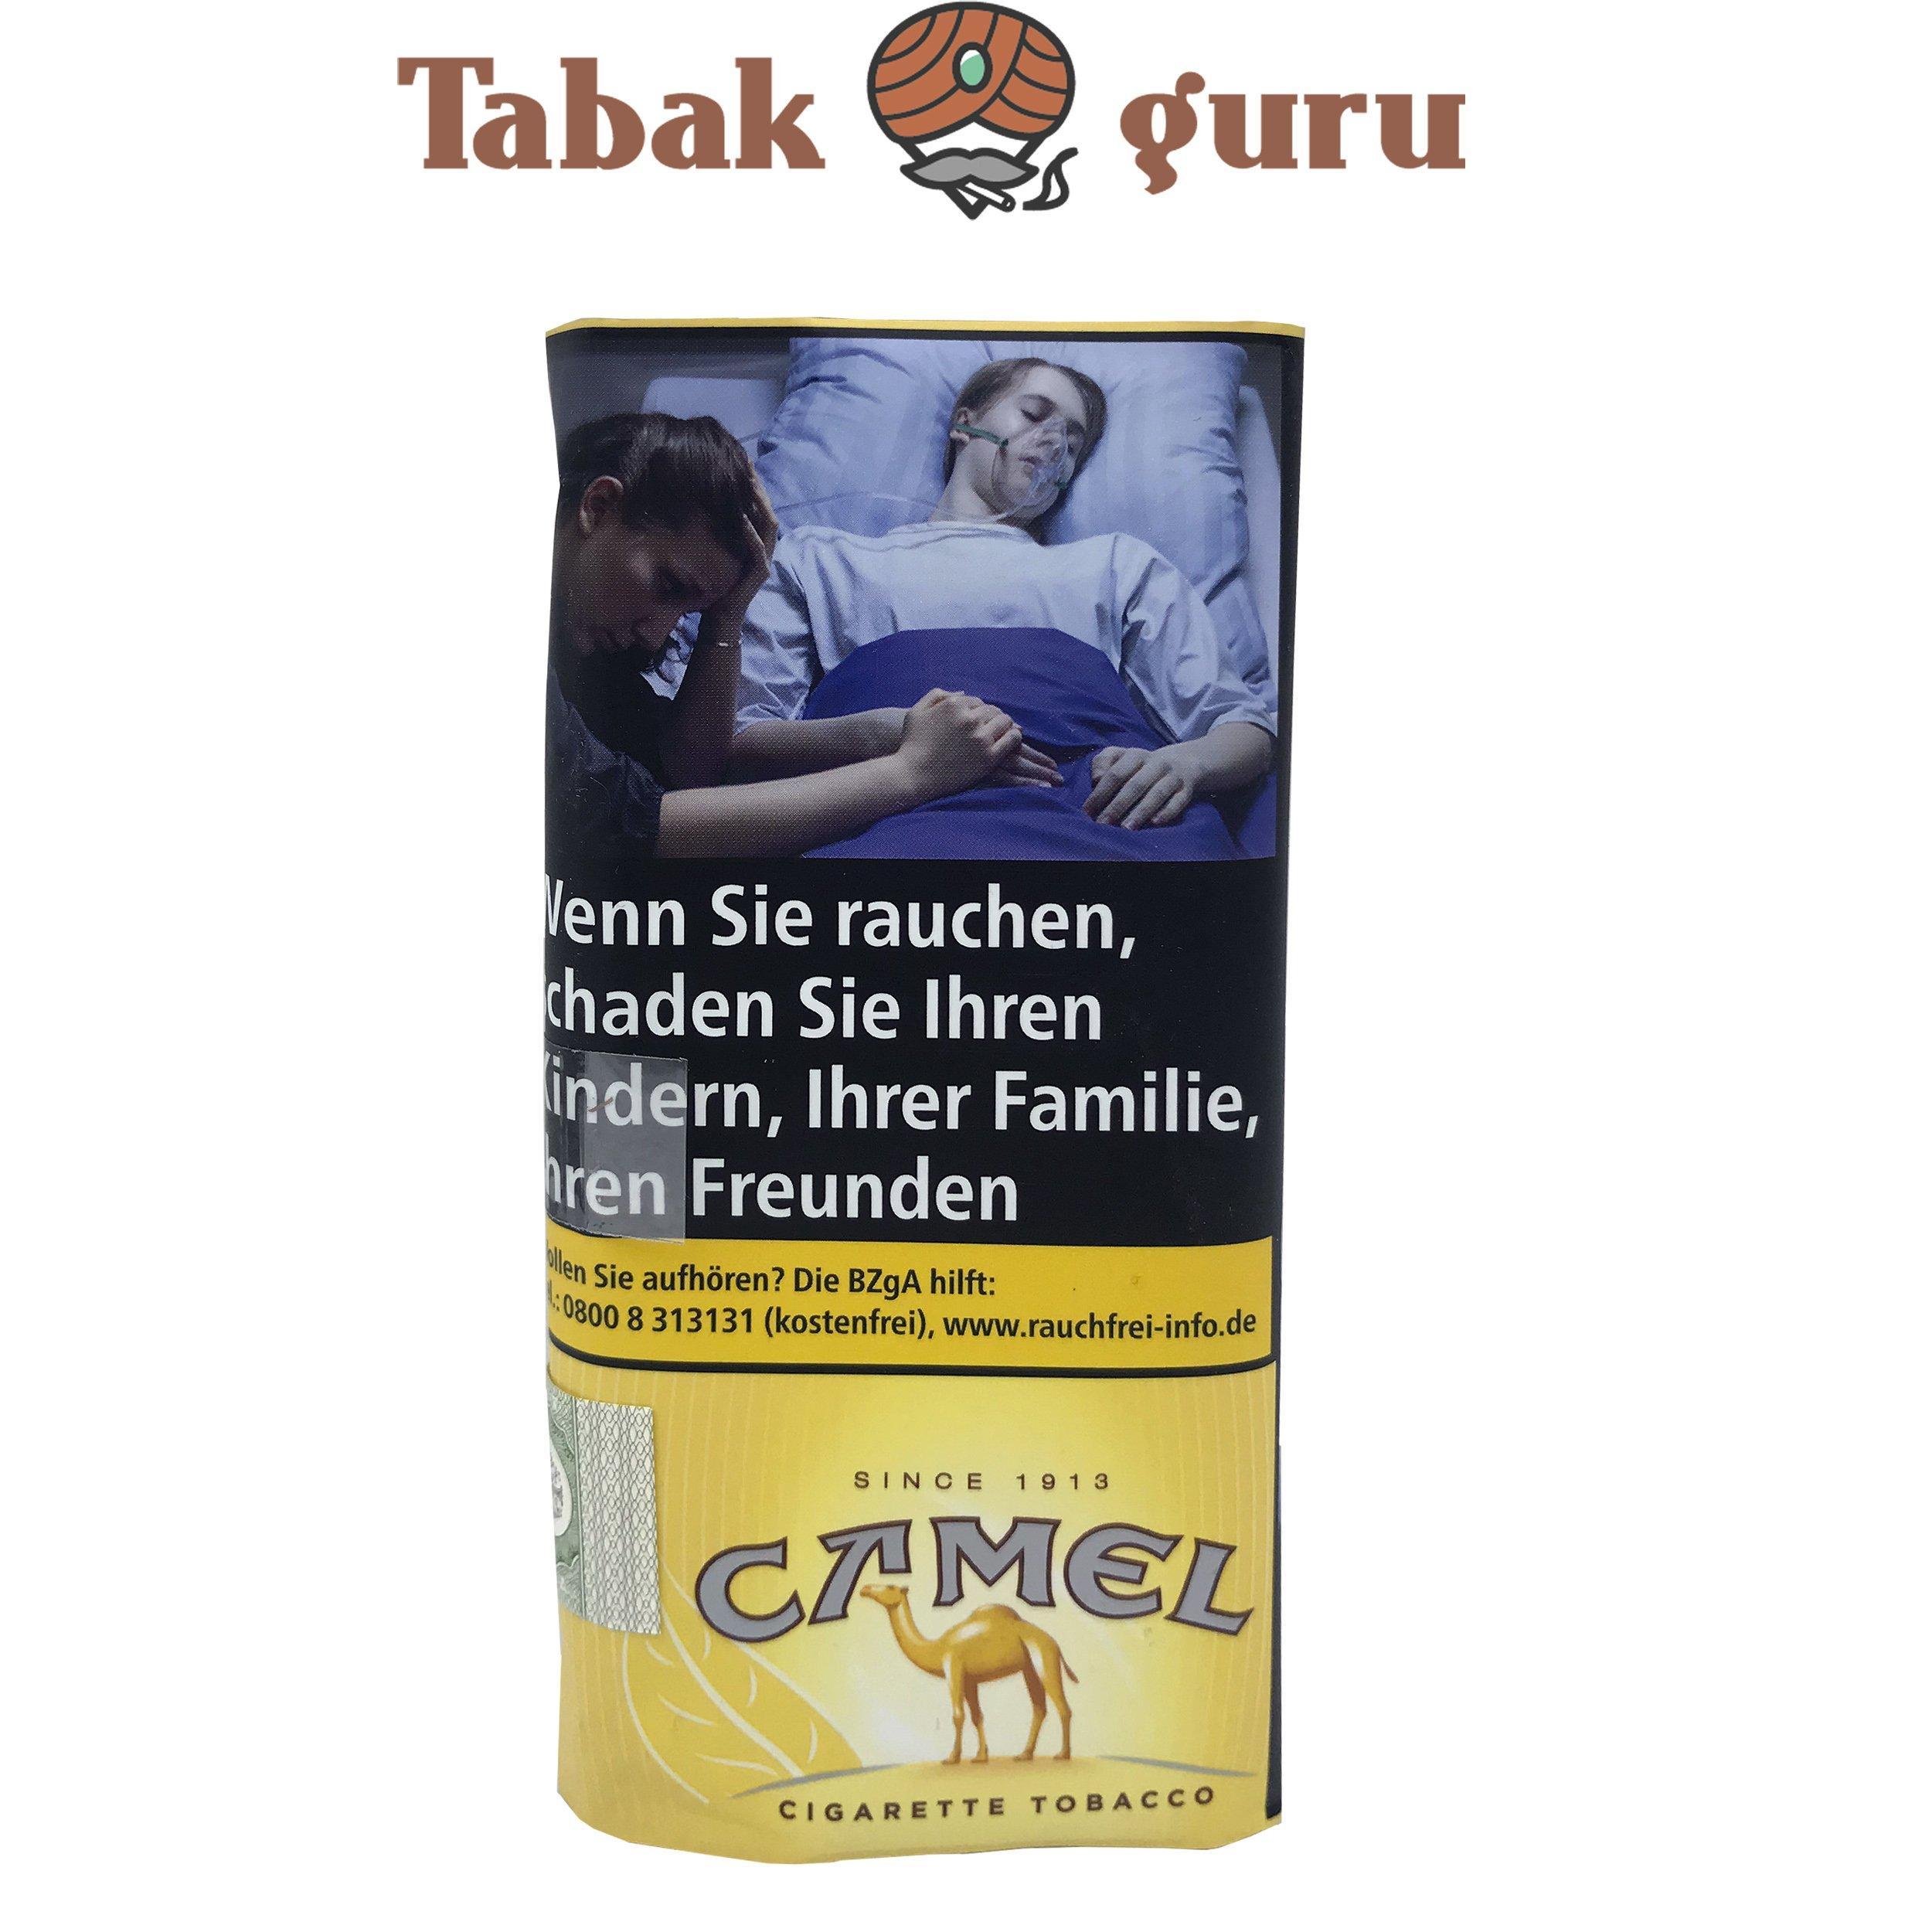 Camel Cigarette Tobacco 30g Drehtabak Zigarettentabak